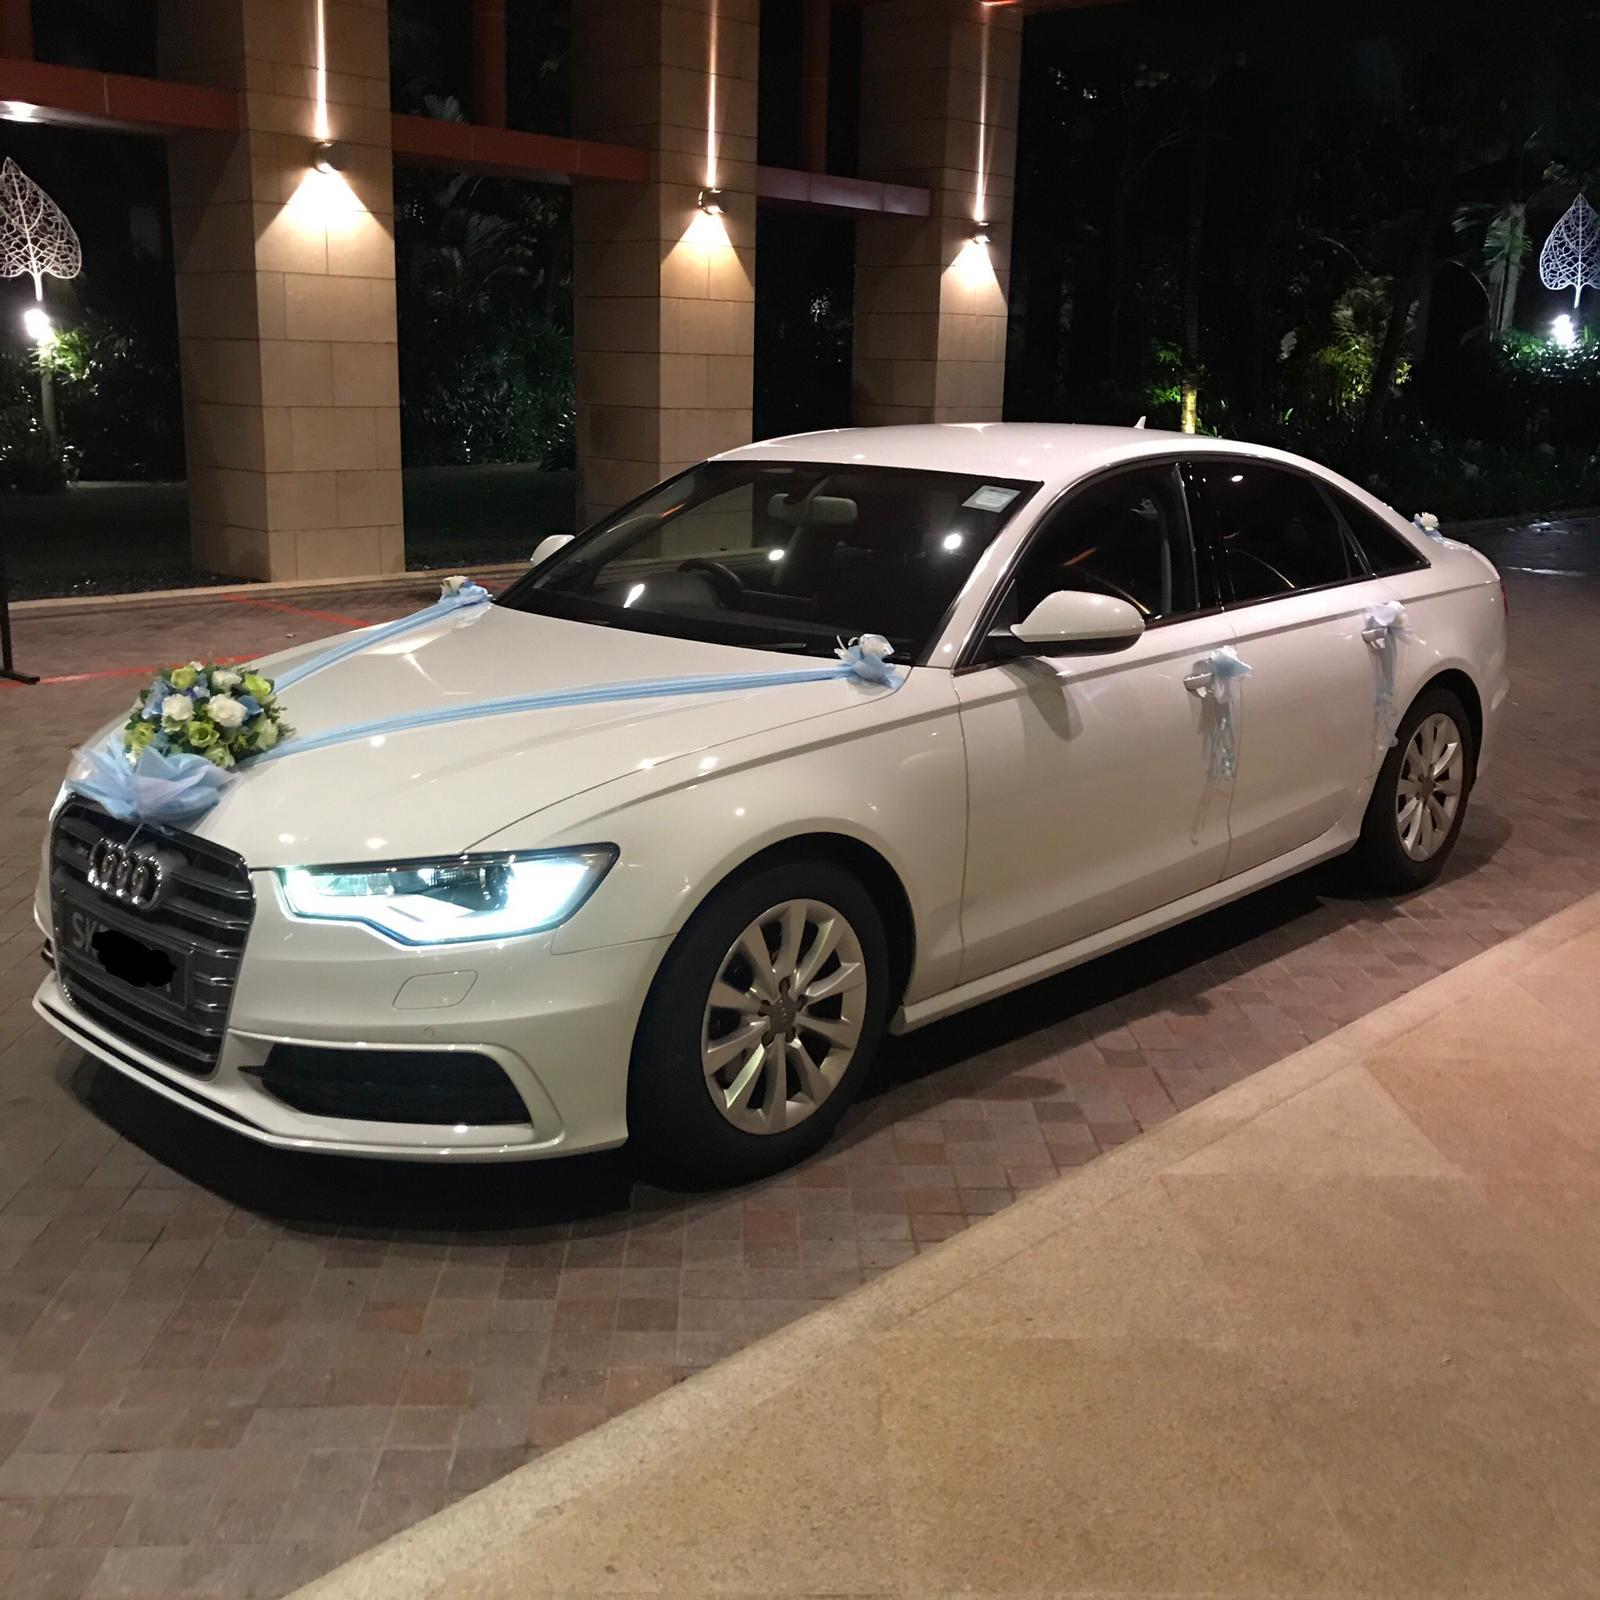 Audi A6 bridal car